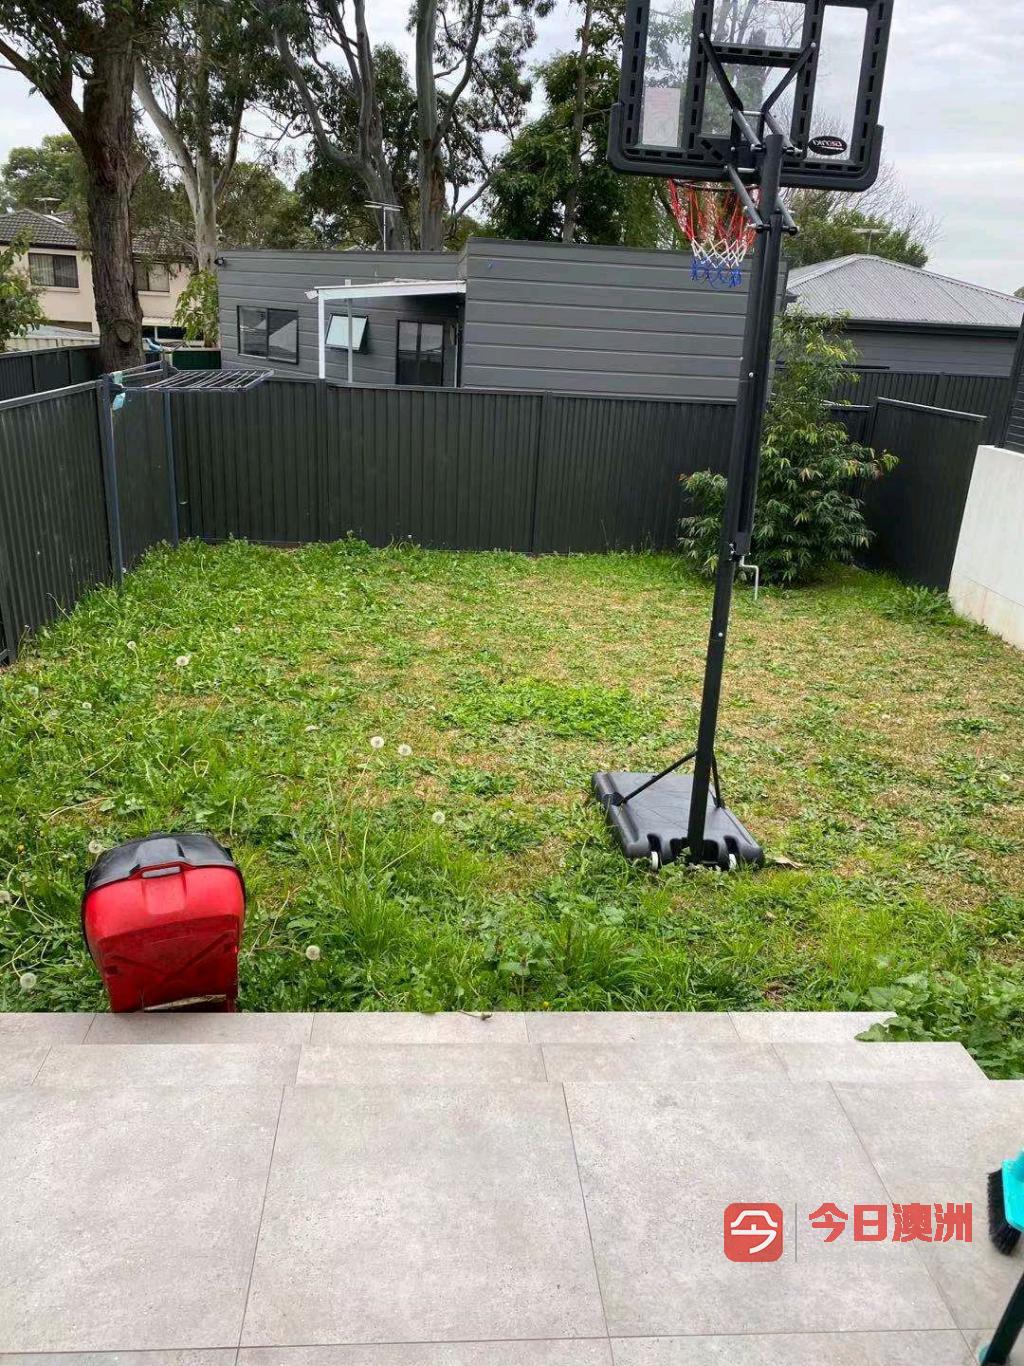 花园设计砍树除草室内外油漆各种垃圾处理